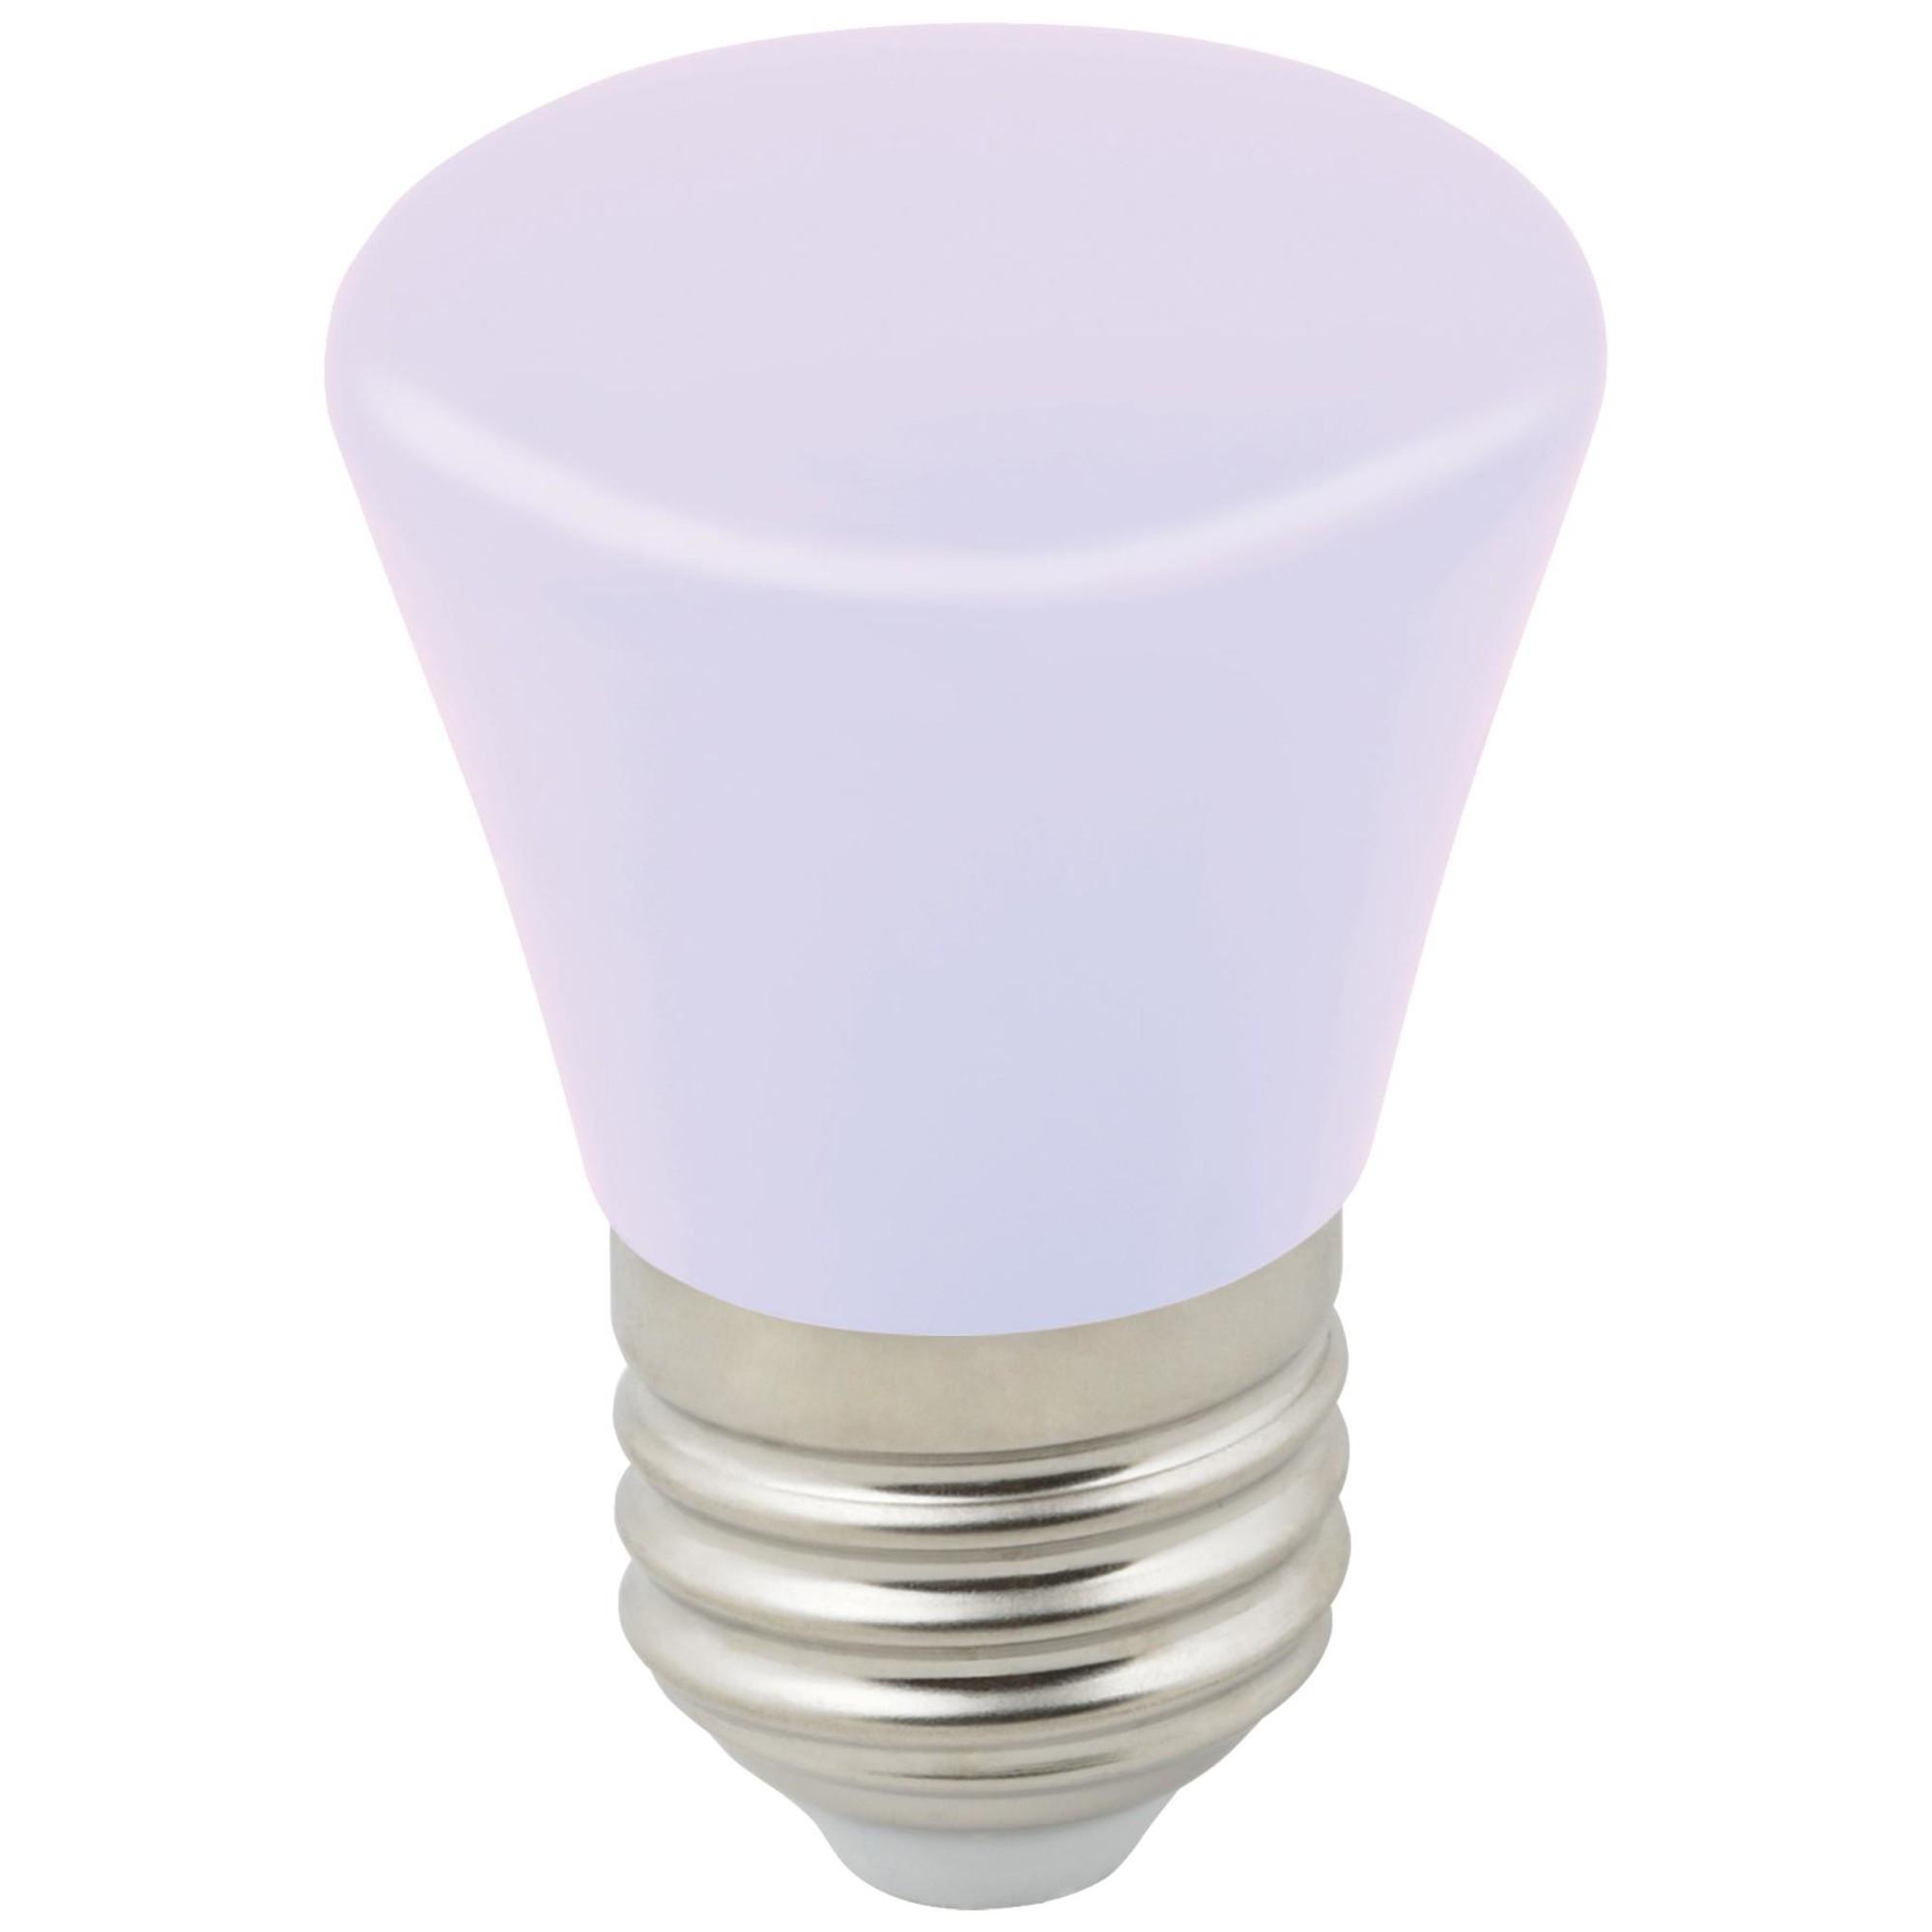 Лампа светодиодная Volpe Décor Color E27 колокольчик  Лм 1 Вт изменение цвета rgb